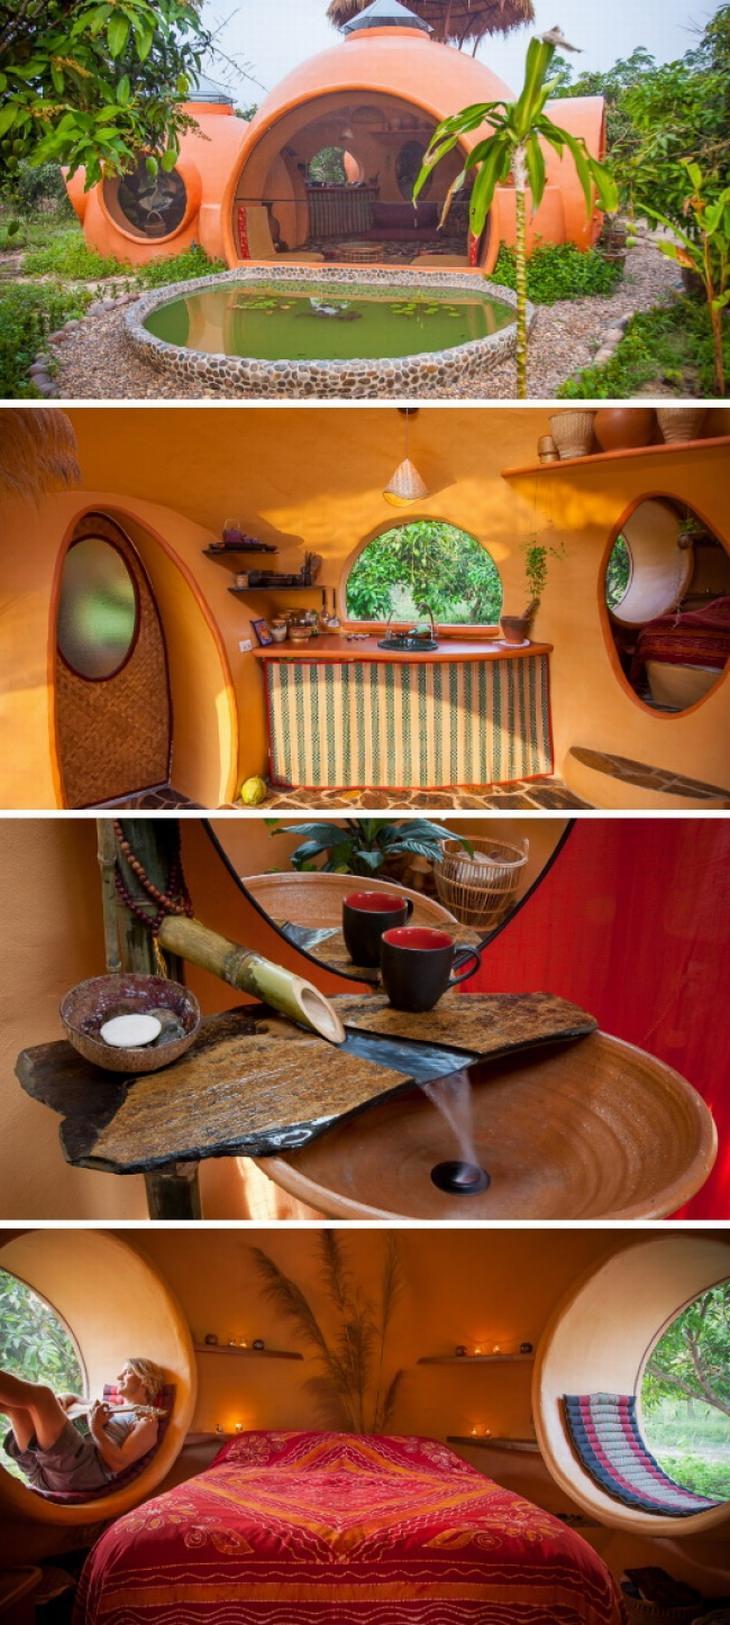 בתים מיוחדים מרחבי העולם: בית כתום ומיוחד